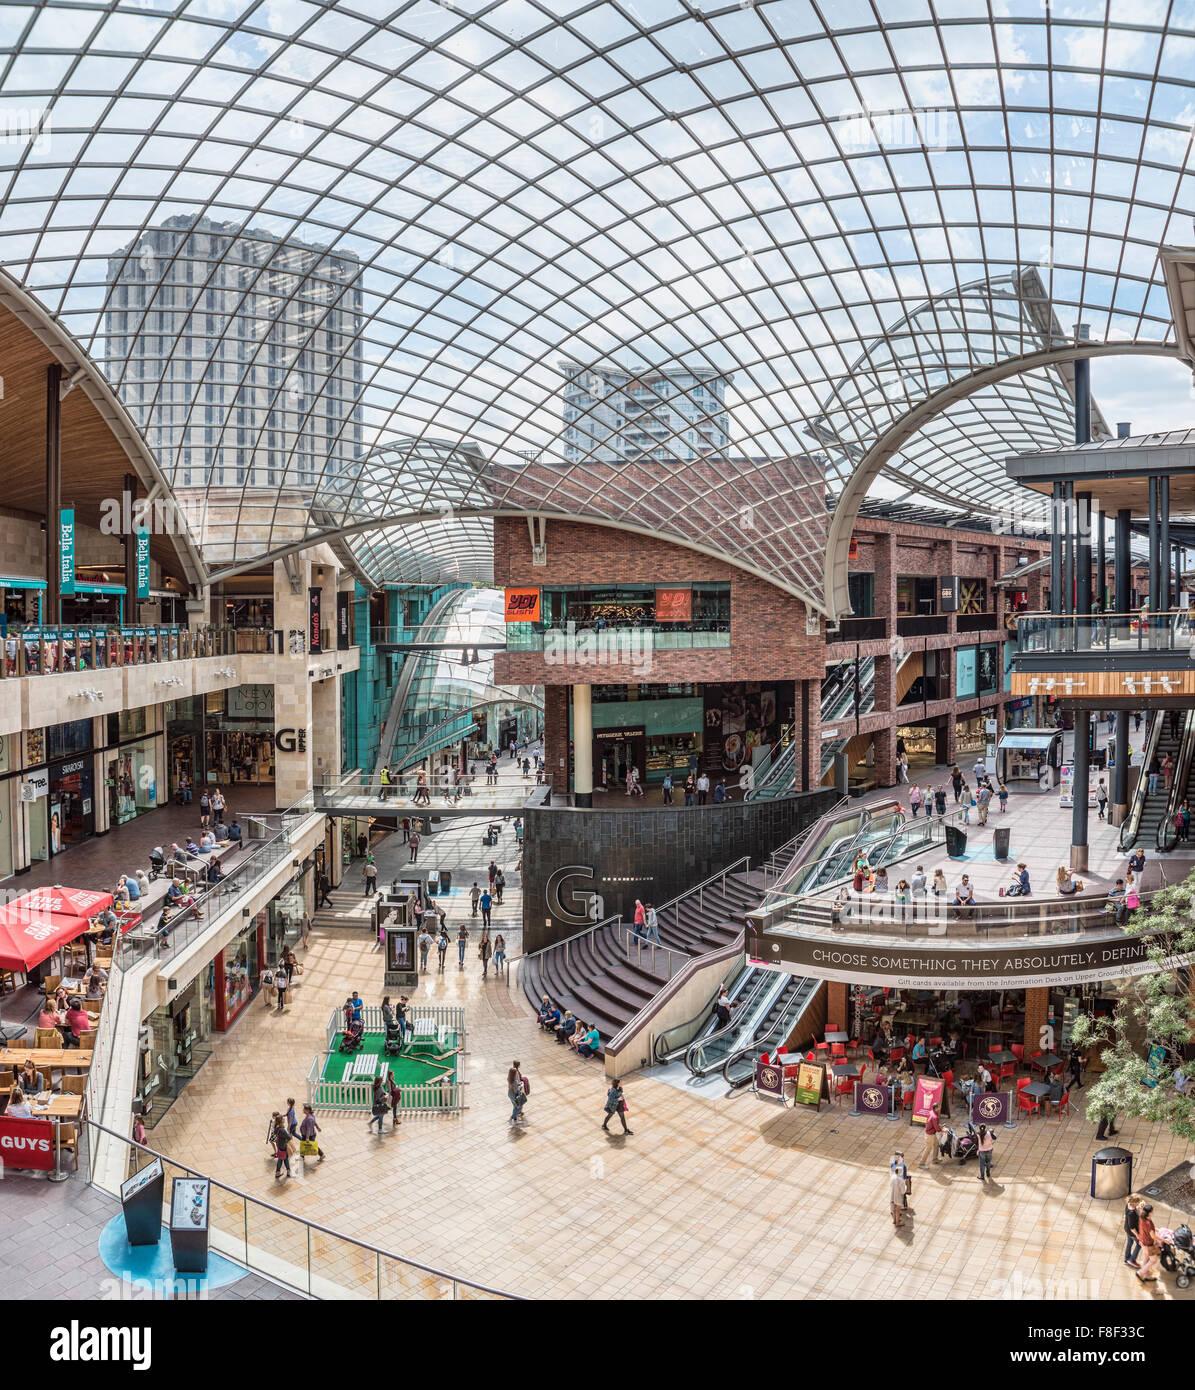 e25c0513a6df5 Cabot Circus Shopping Centre